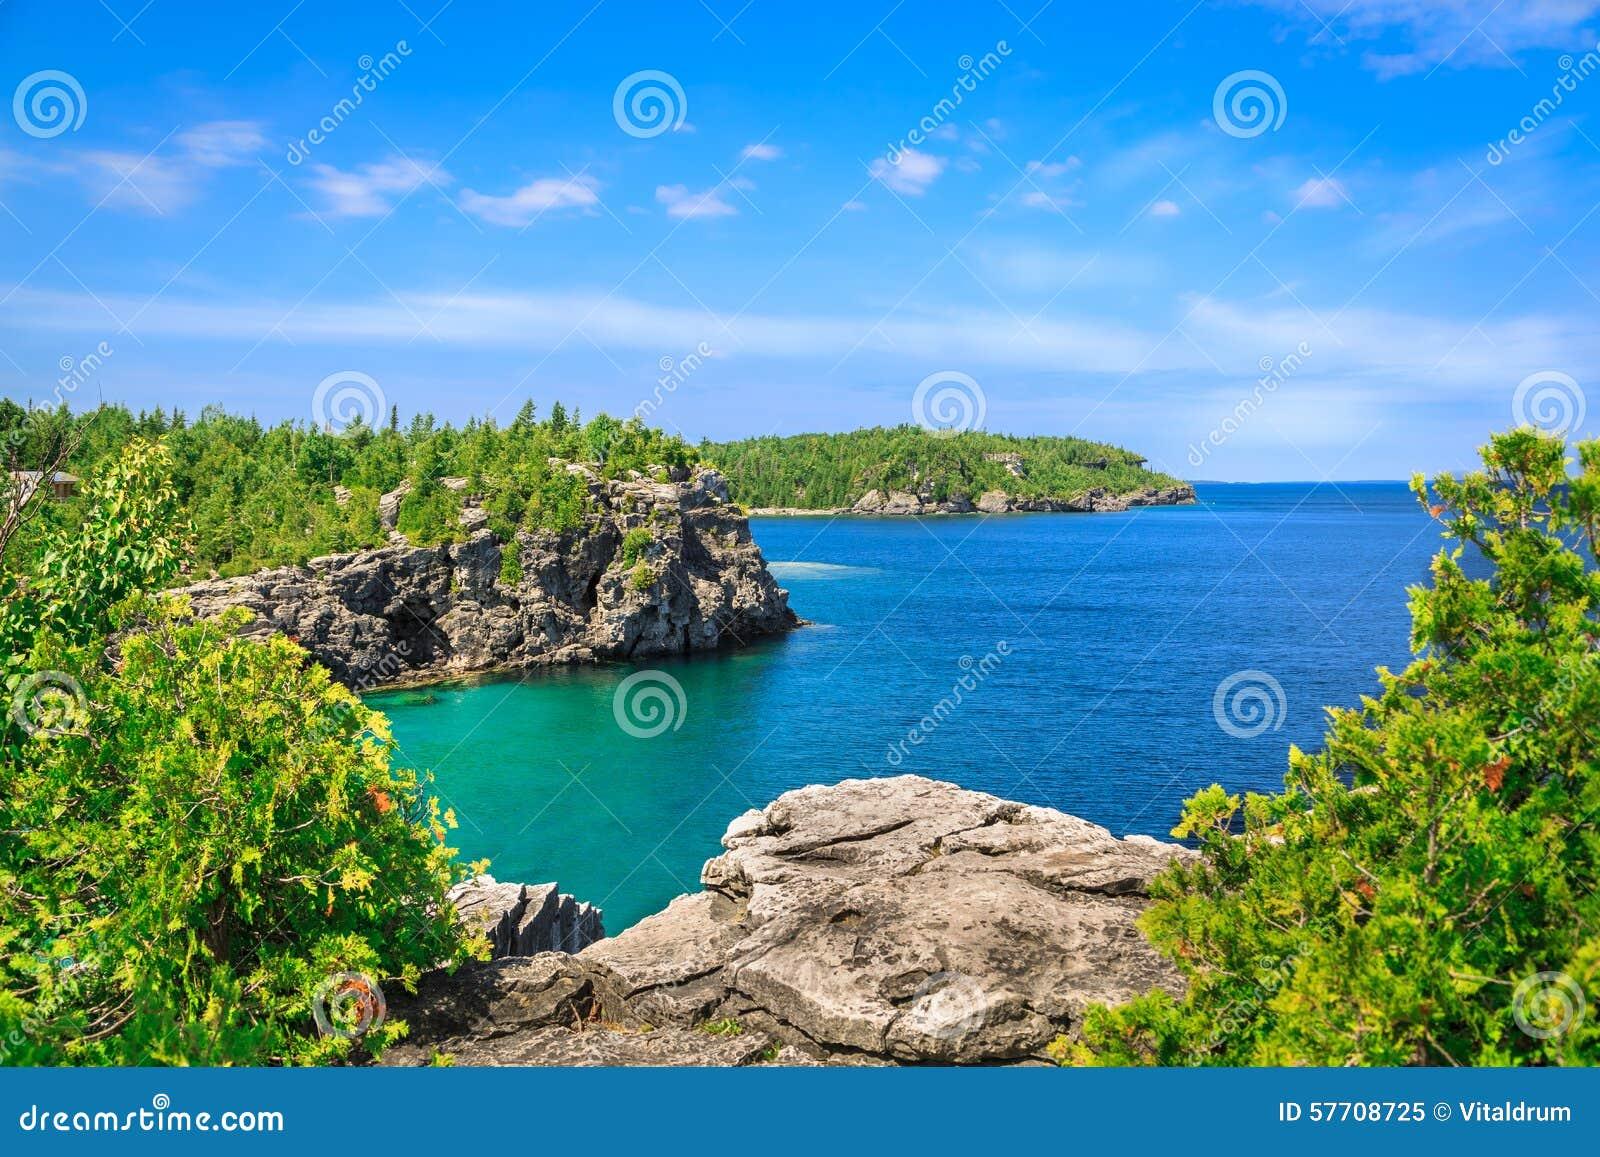 Vue magnifique de paysage du grand lac de invitation cyprus tranquille, l eau de turquoise chez beau Bruce Peninsula, Ontario